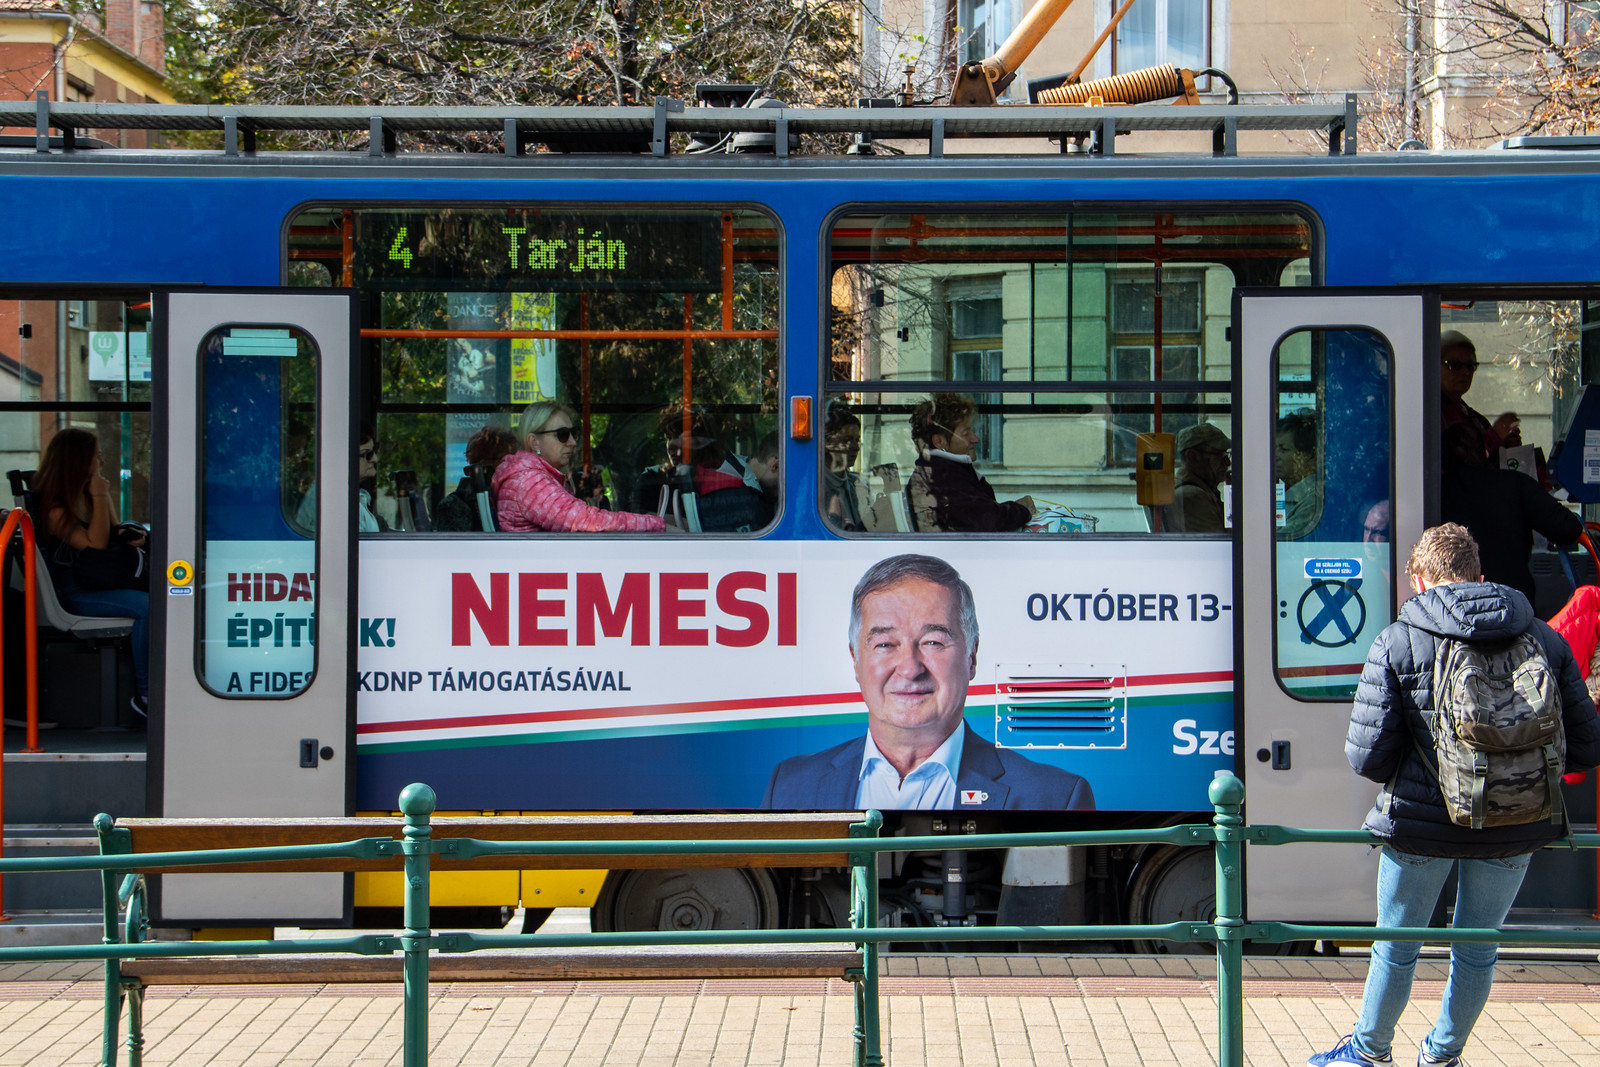 Szeged365, avagy új szintre lép a kormánymédia